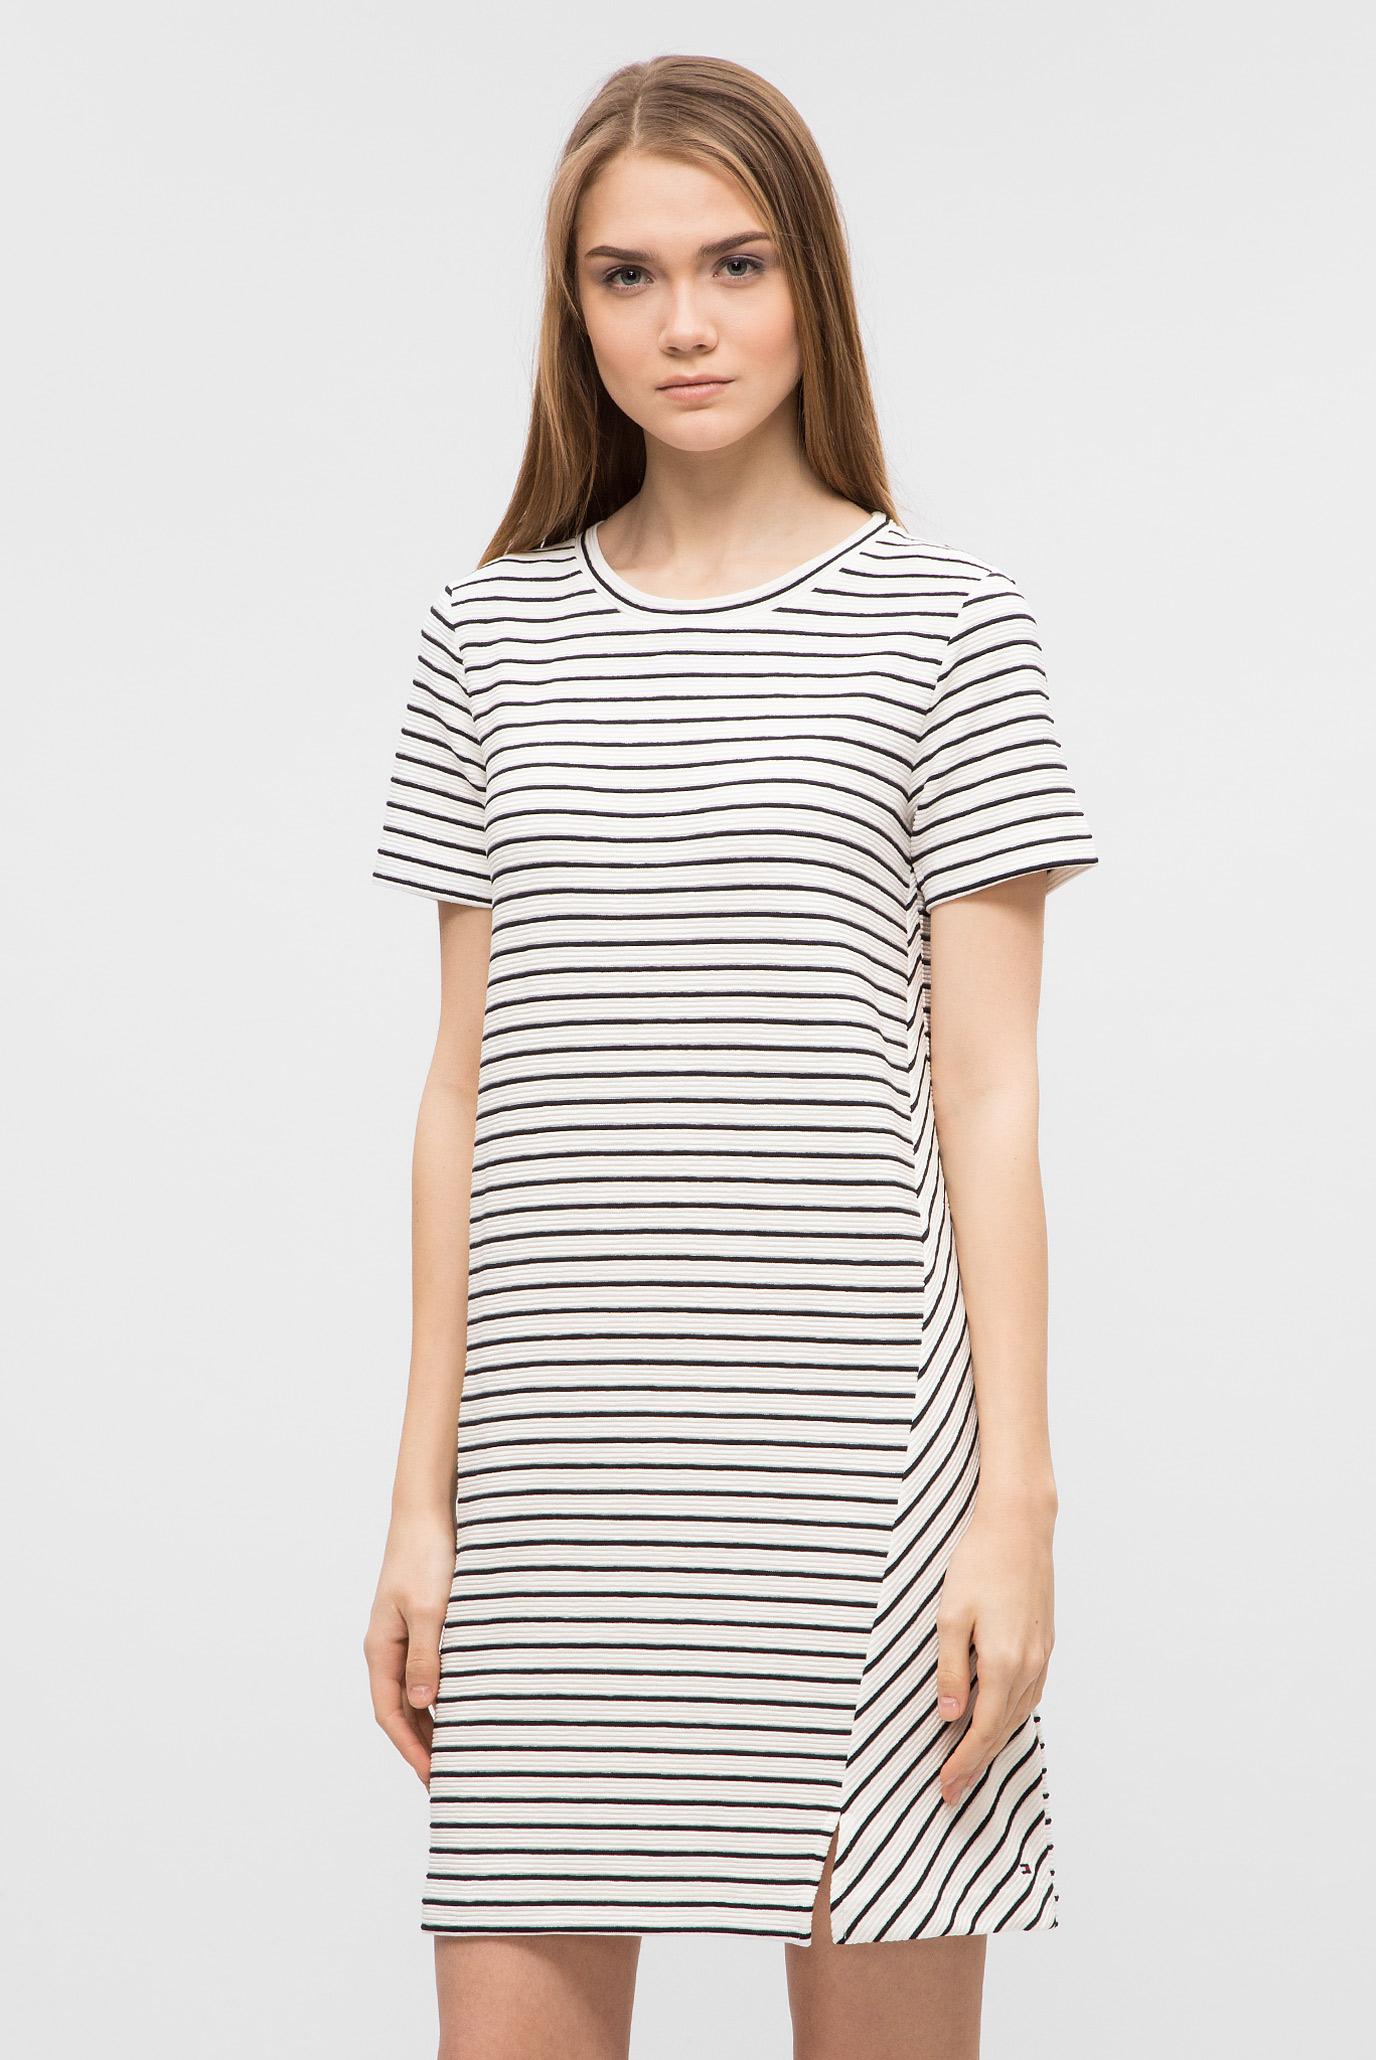 Купить Женское белое платье в полоску Tommy Hilfiger Tommy Hilfiger  WW0WW21817 – Киев 735835dbe7c01